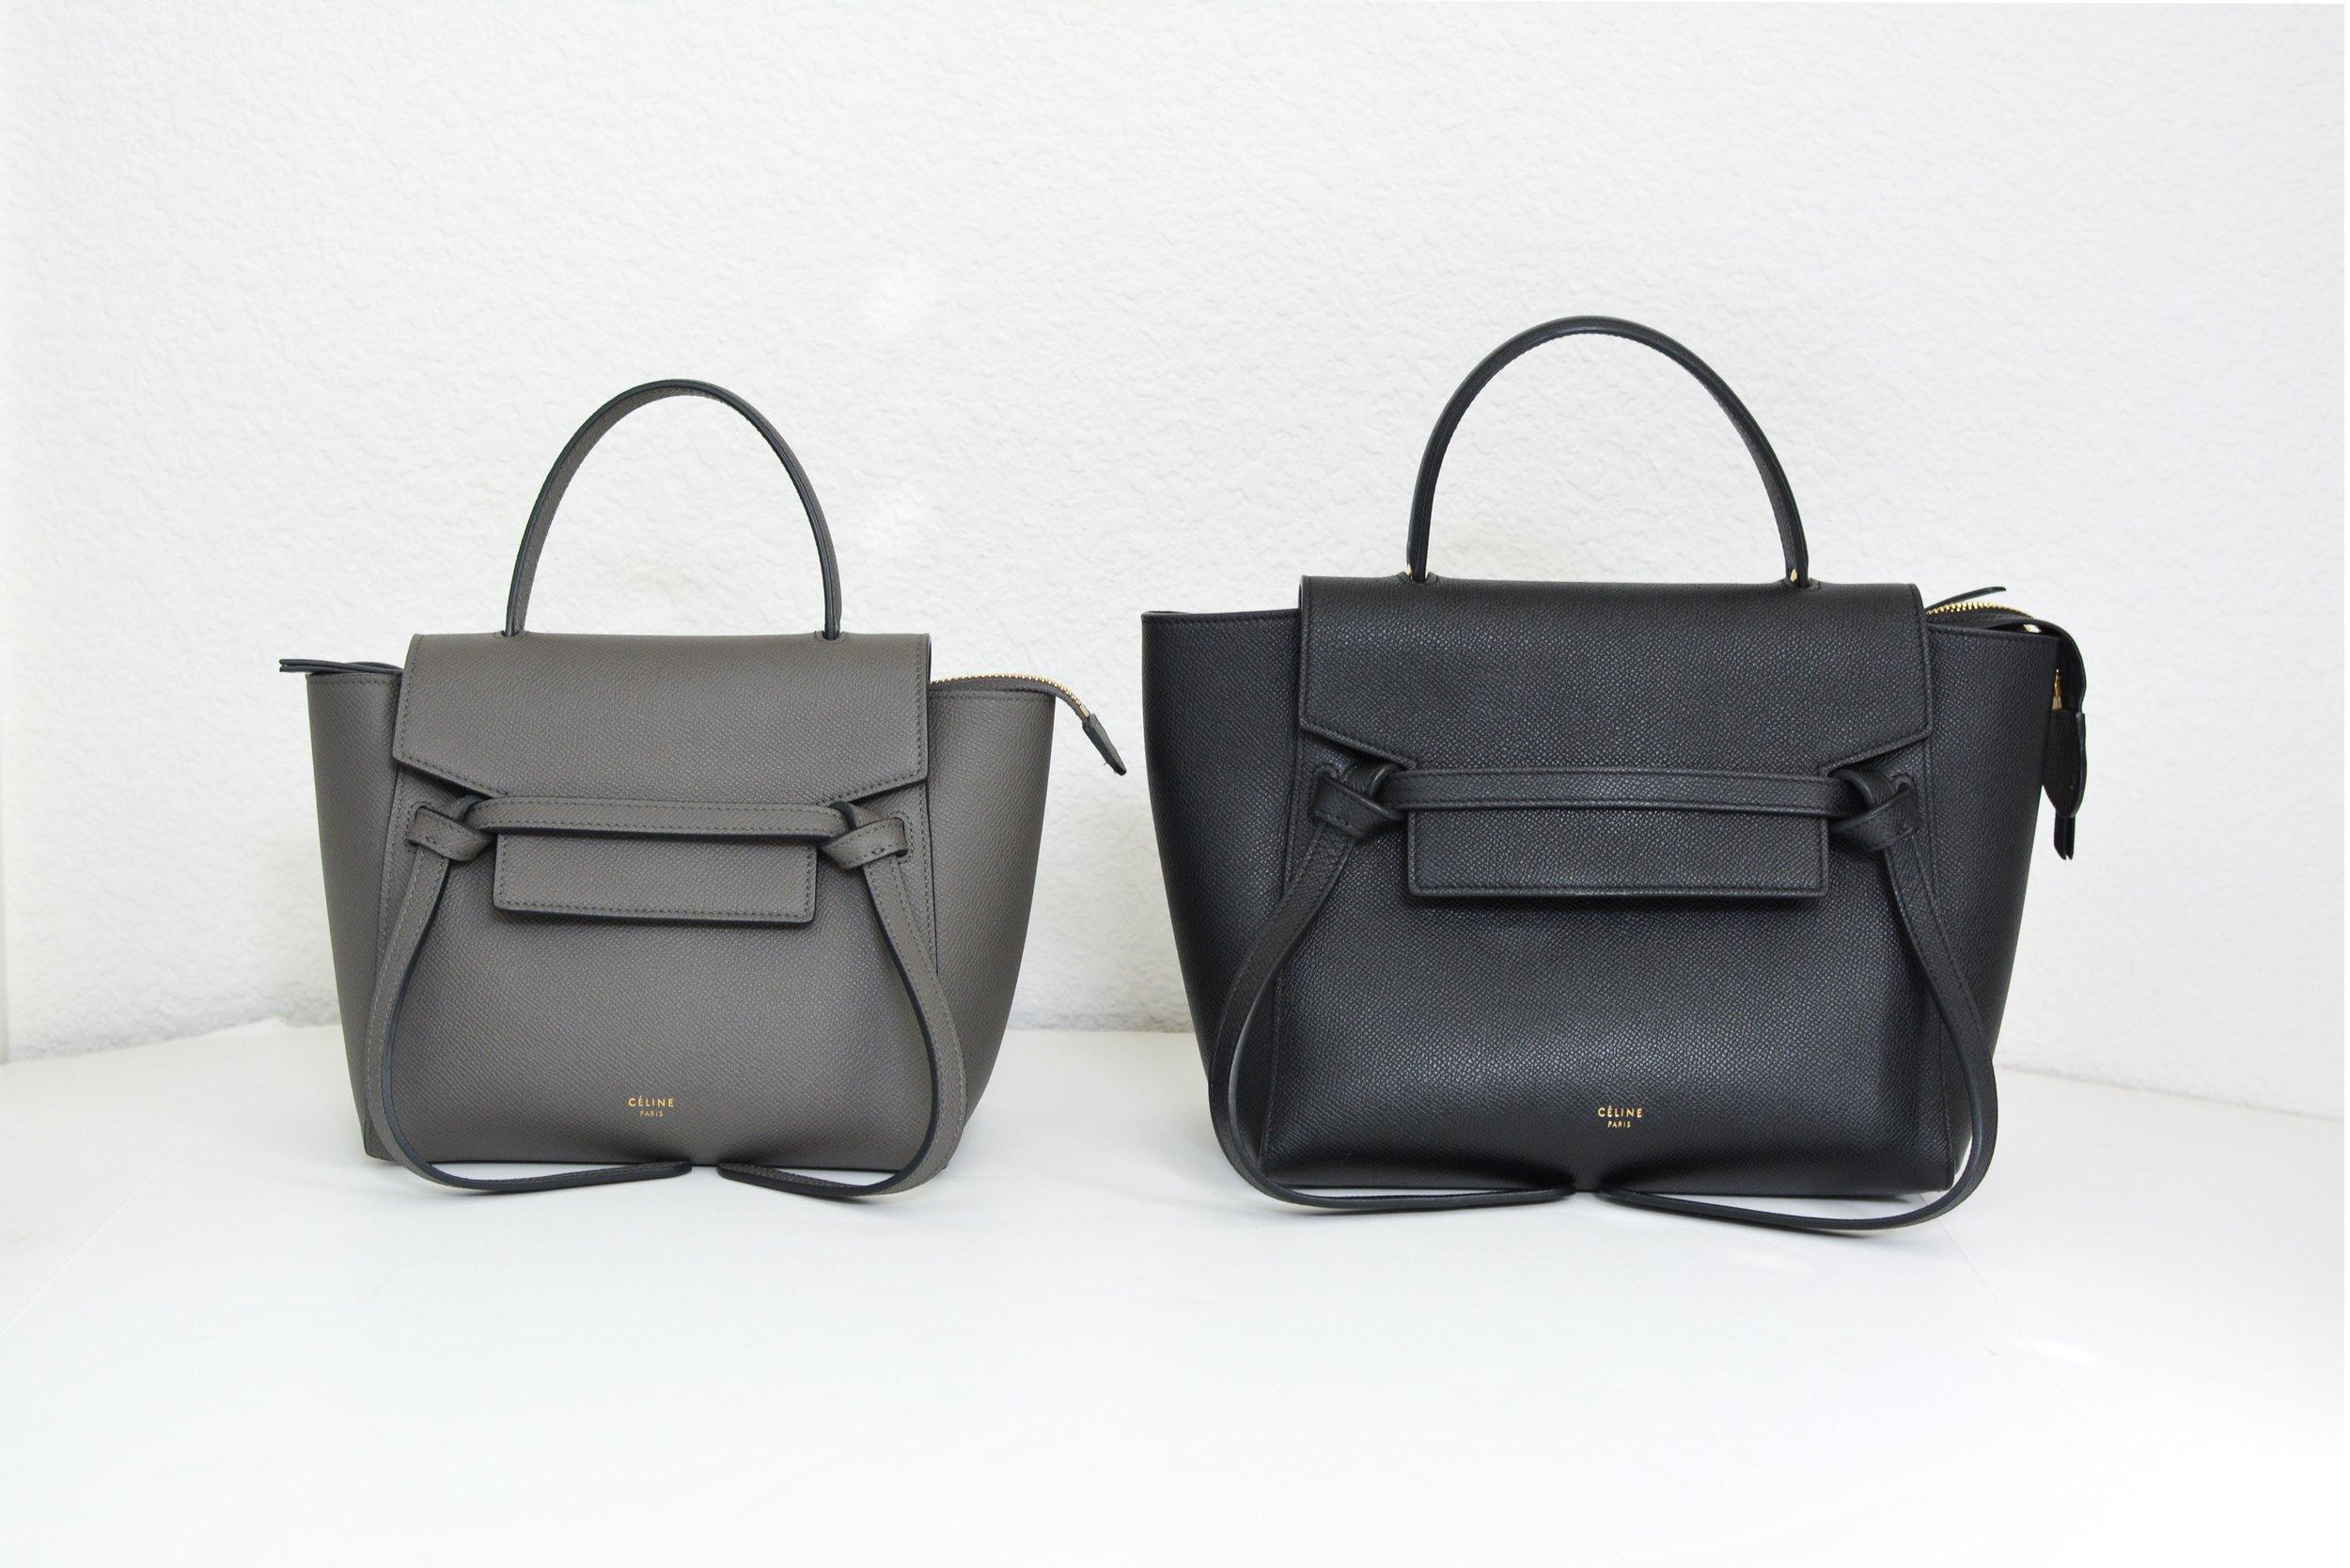 Celine Nano Belt Bag Review (3 of 4)-min.jpg